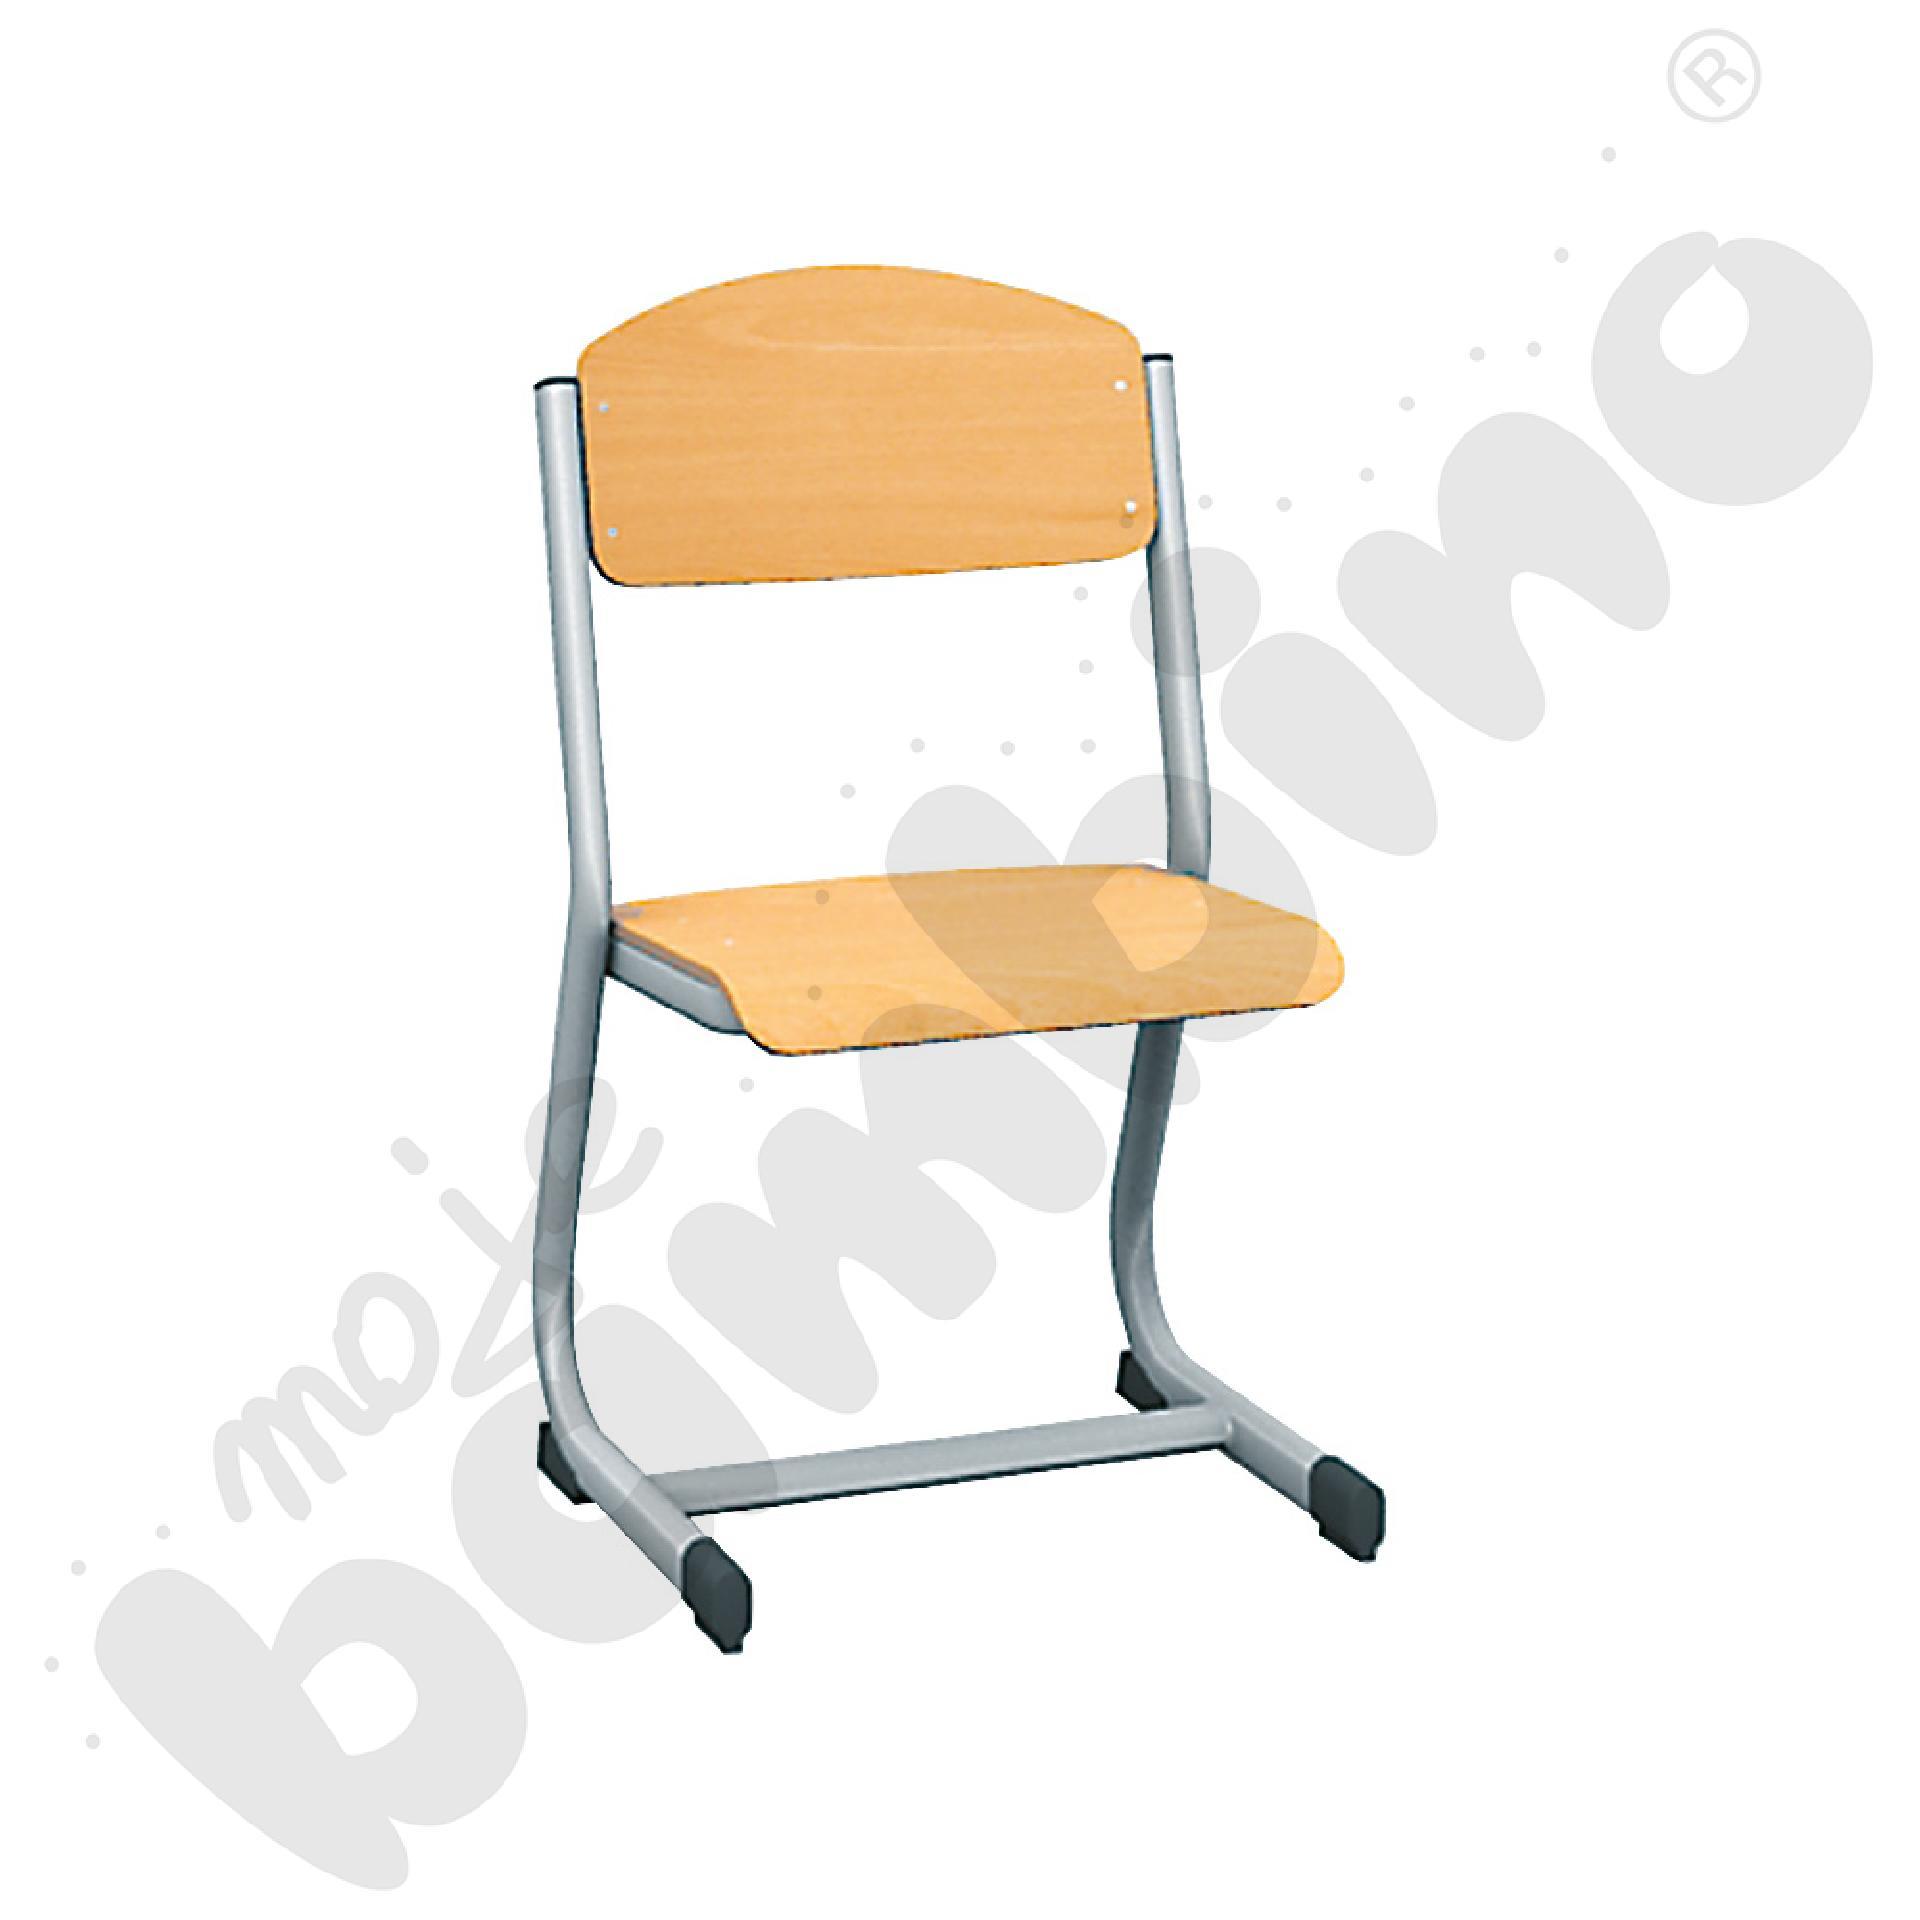 Krzesło IN-C rozm. 5 srebrne